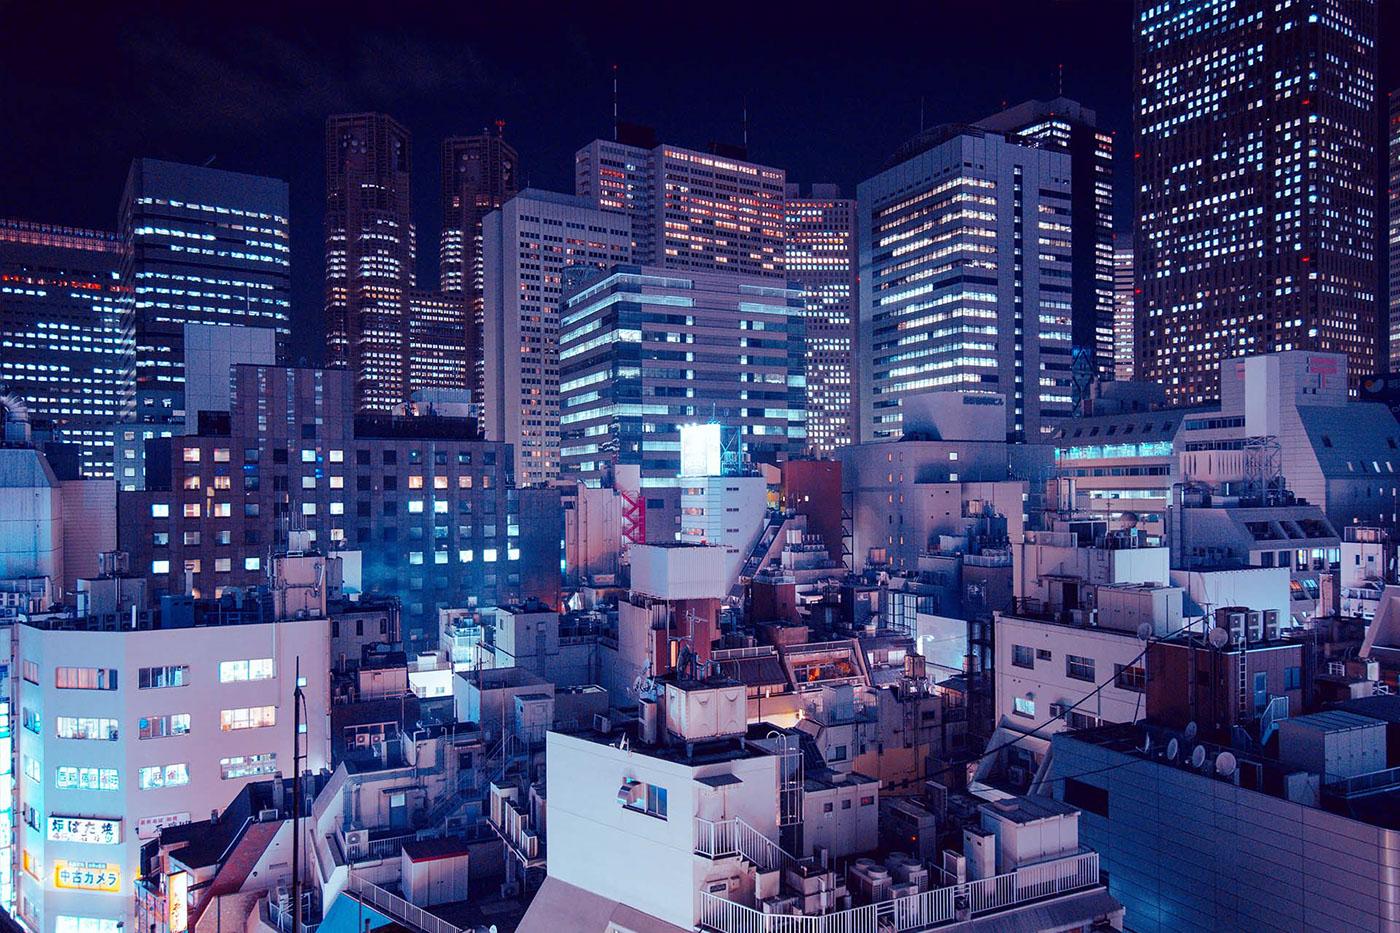 photograph,neon,noir,Cyberpunk,future